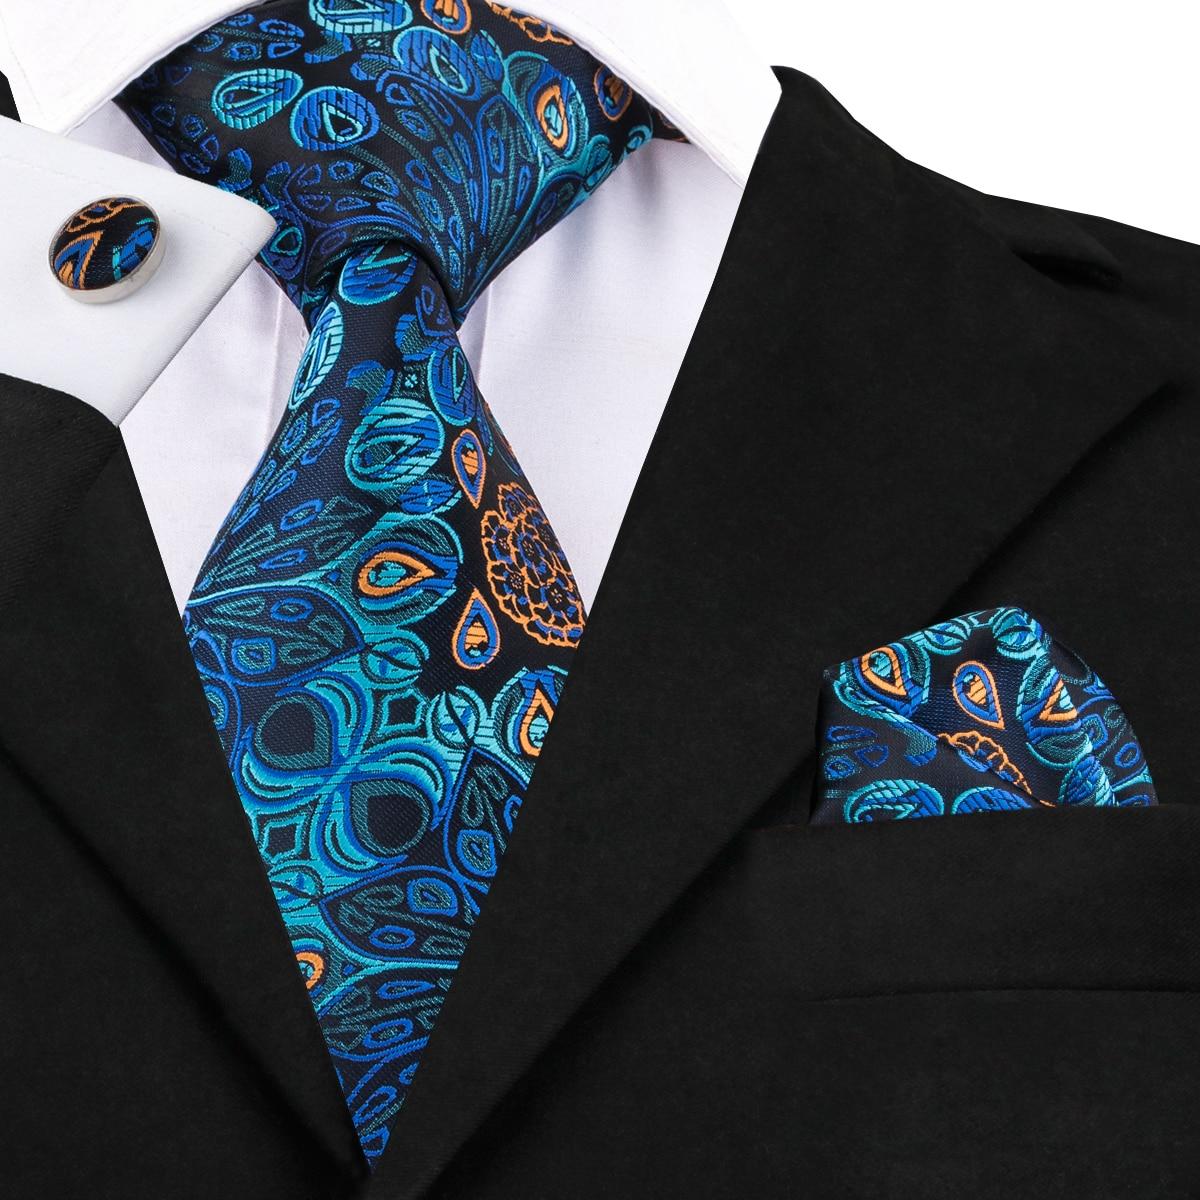 Neue Camouflage Navy Blau 6 Cm Schlank Krawatten Jacquard Krawatte Für Männer Cravate Corbata Kravat Mann Stil Schmale Krawatte Dünne Krawatten Hohe QualitäT Und Preiswert Bekleidung Zubehör